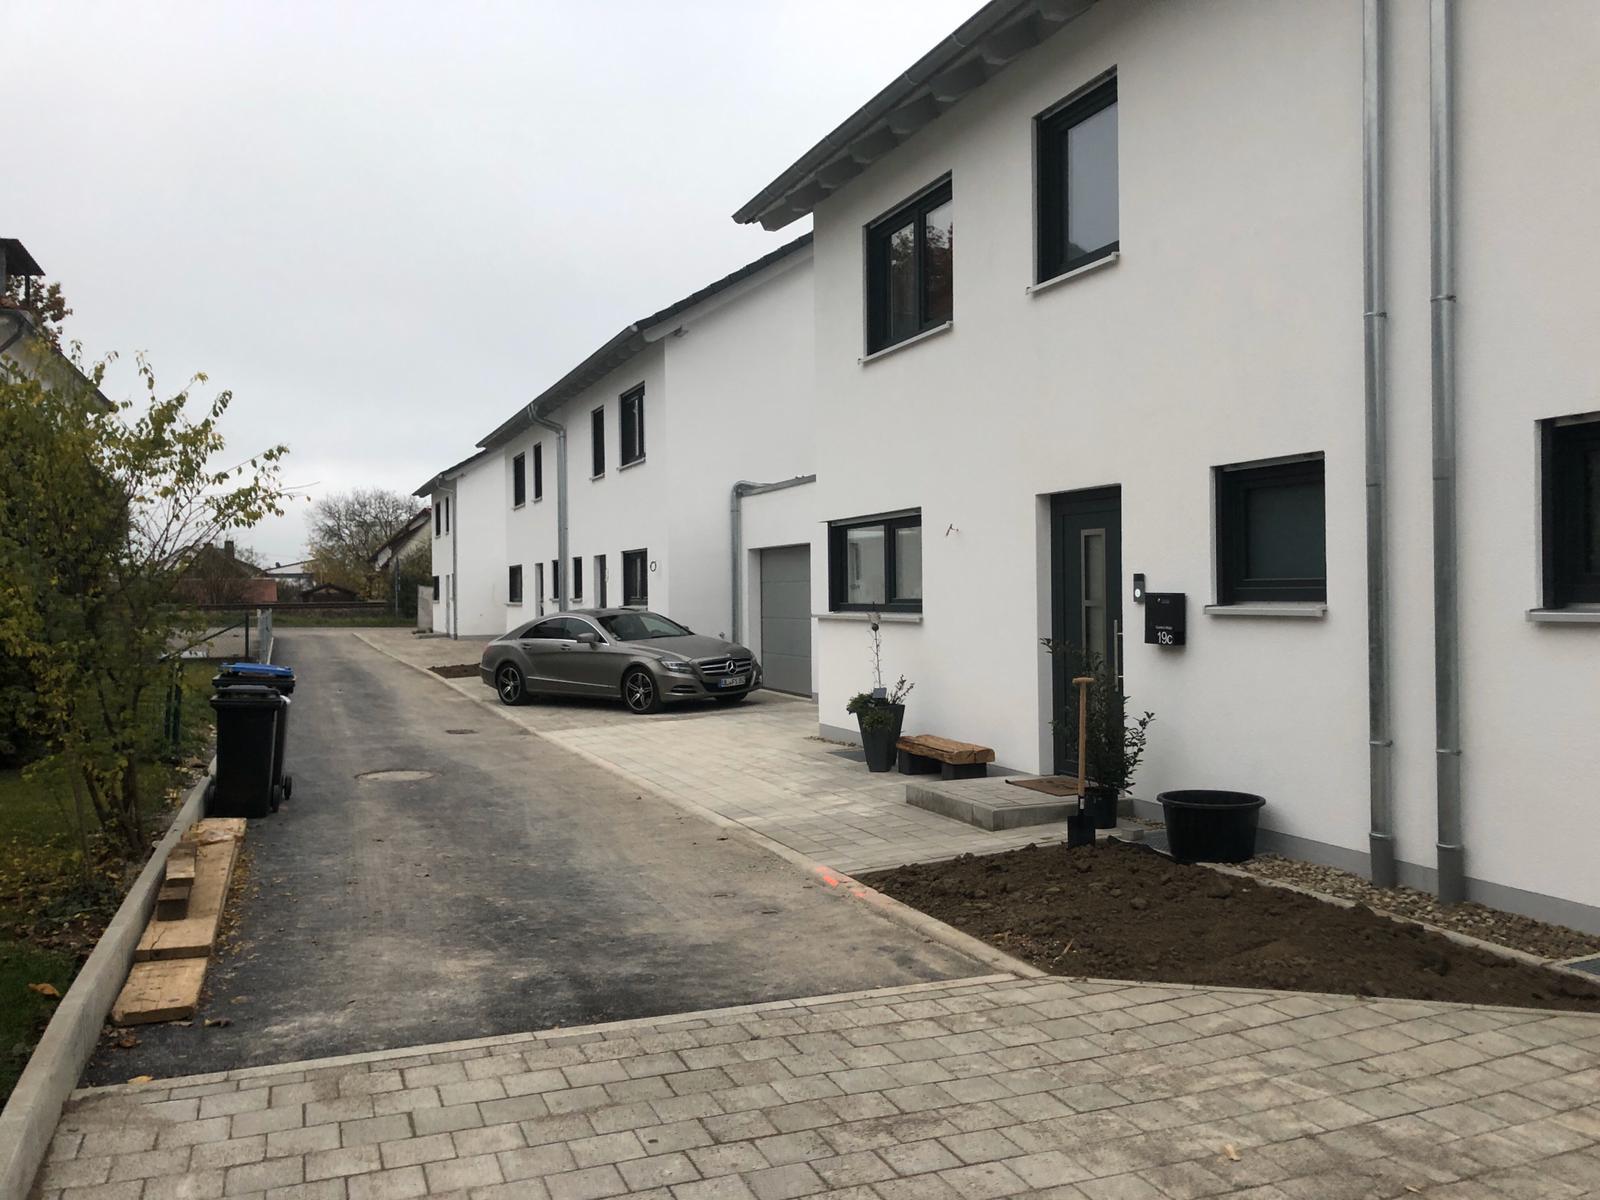 donauprojektbau-elchingen-massivhaus-einfamilienhaus-16